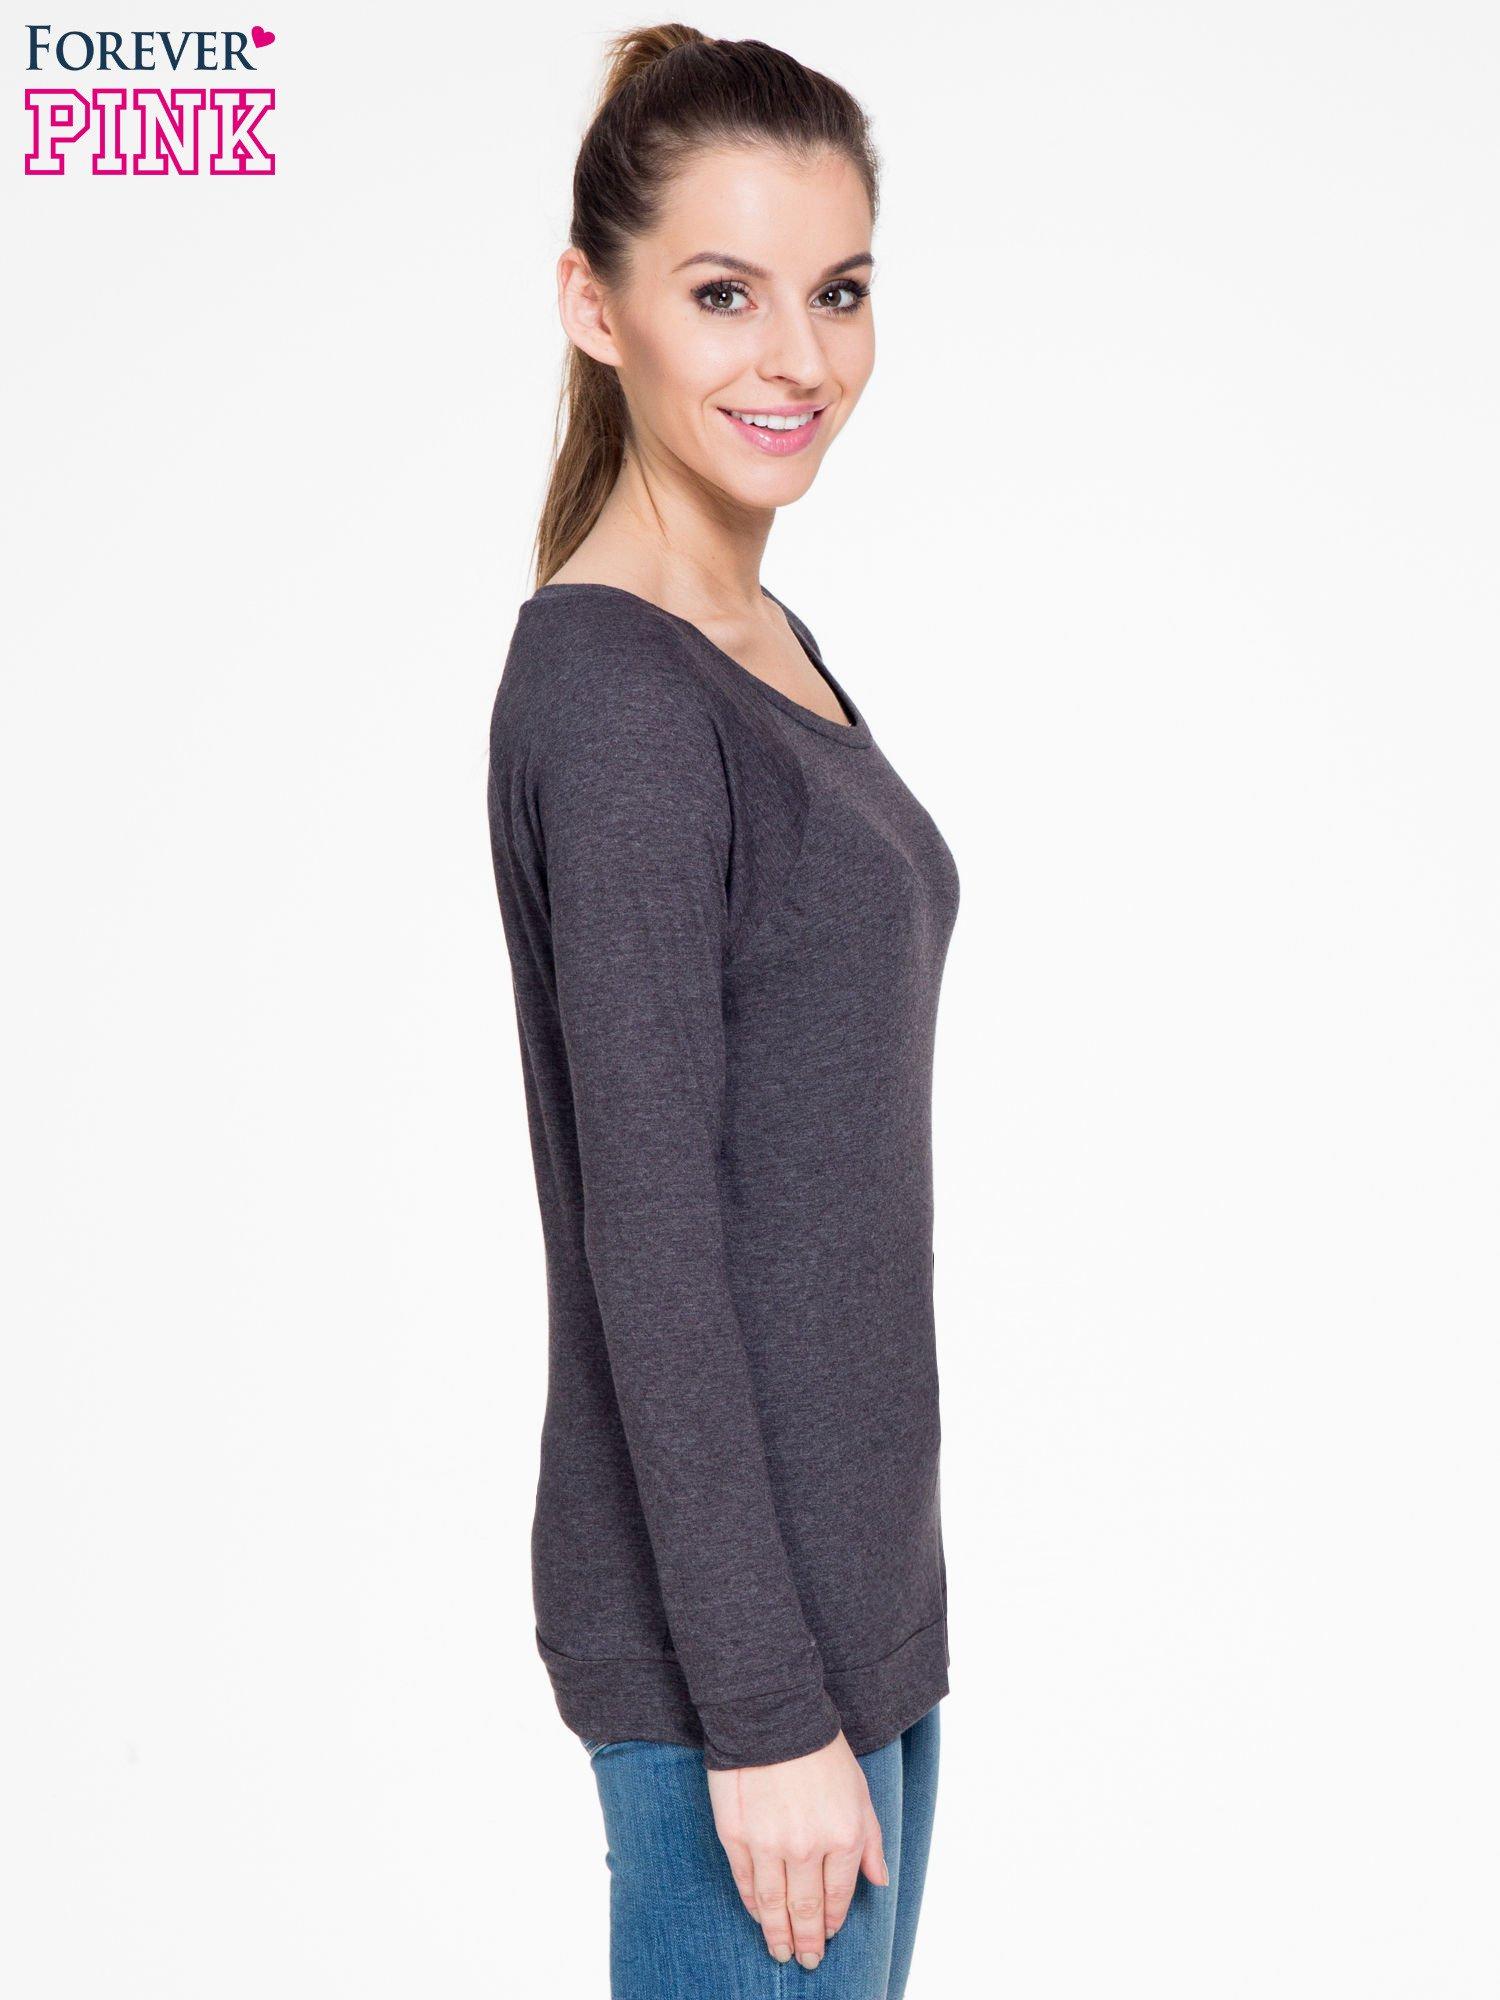 Czarna melanżowa bawełniana bluzka z rękawami typu reglan                                  zdj.                                  3